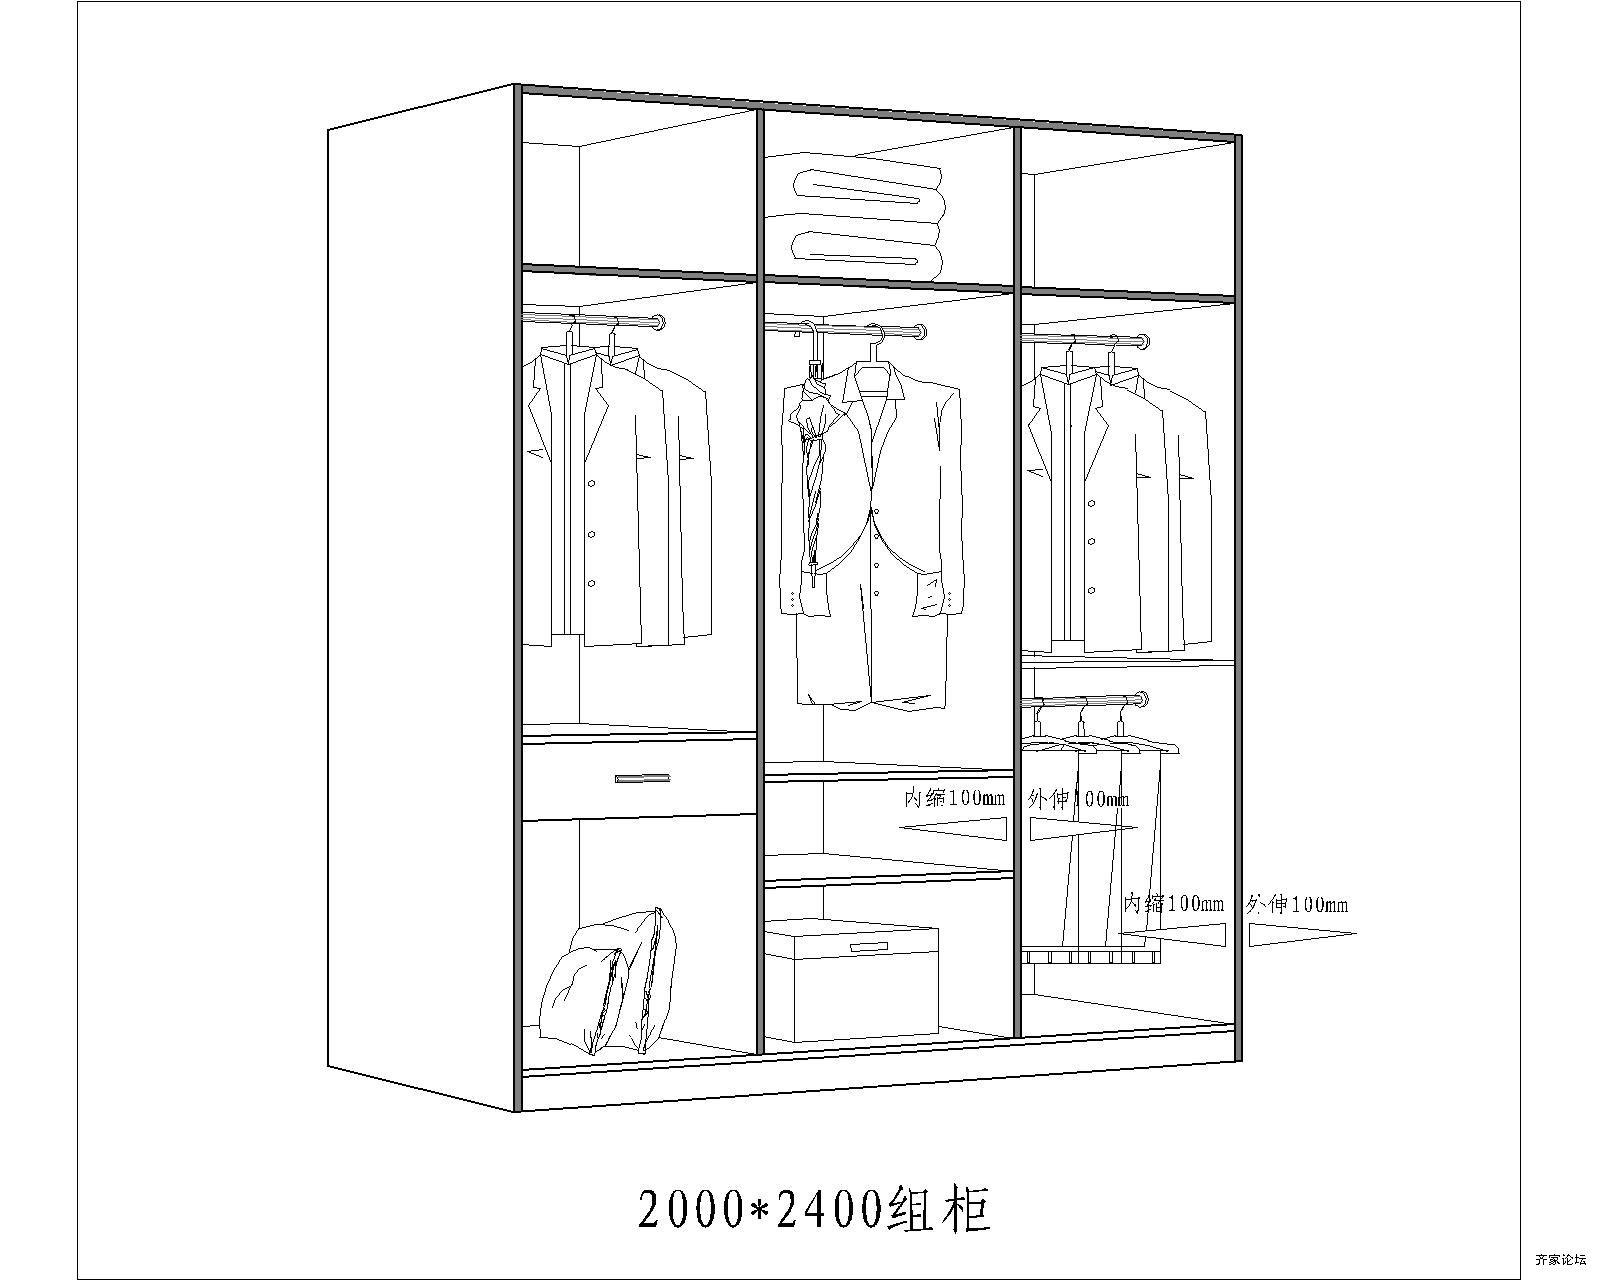 22米衣柜内部设计图